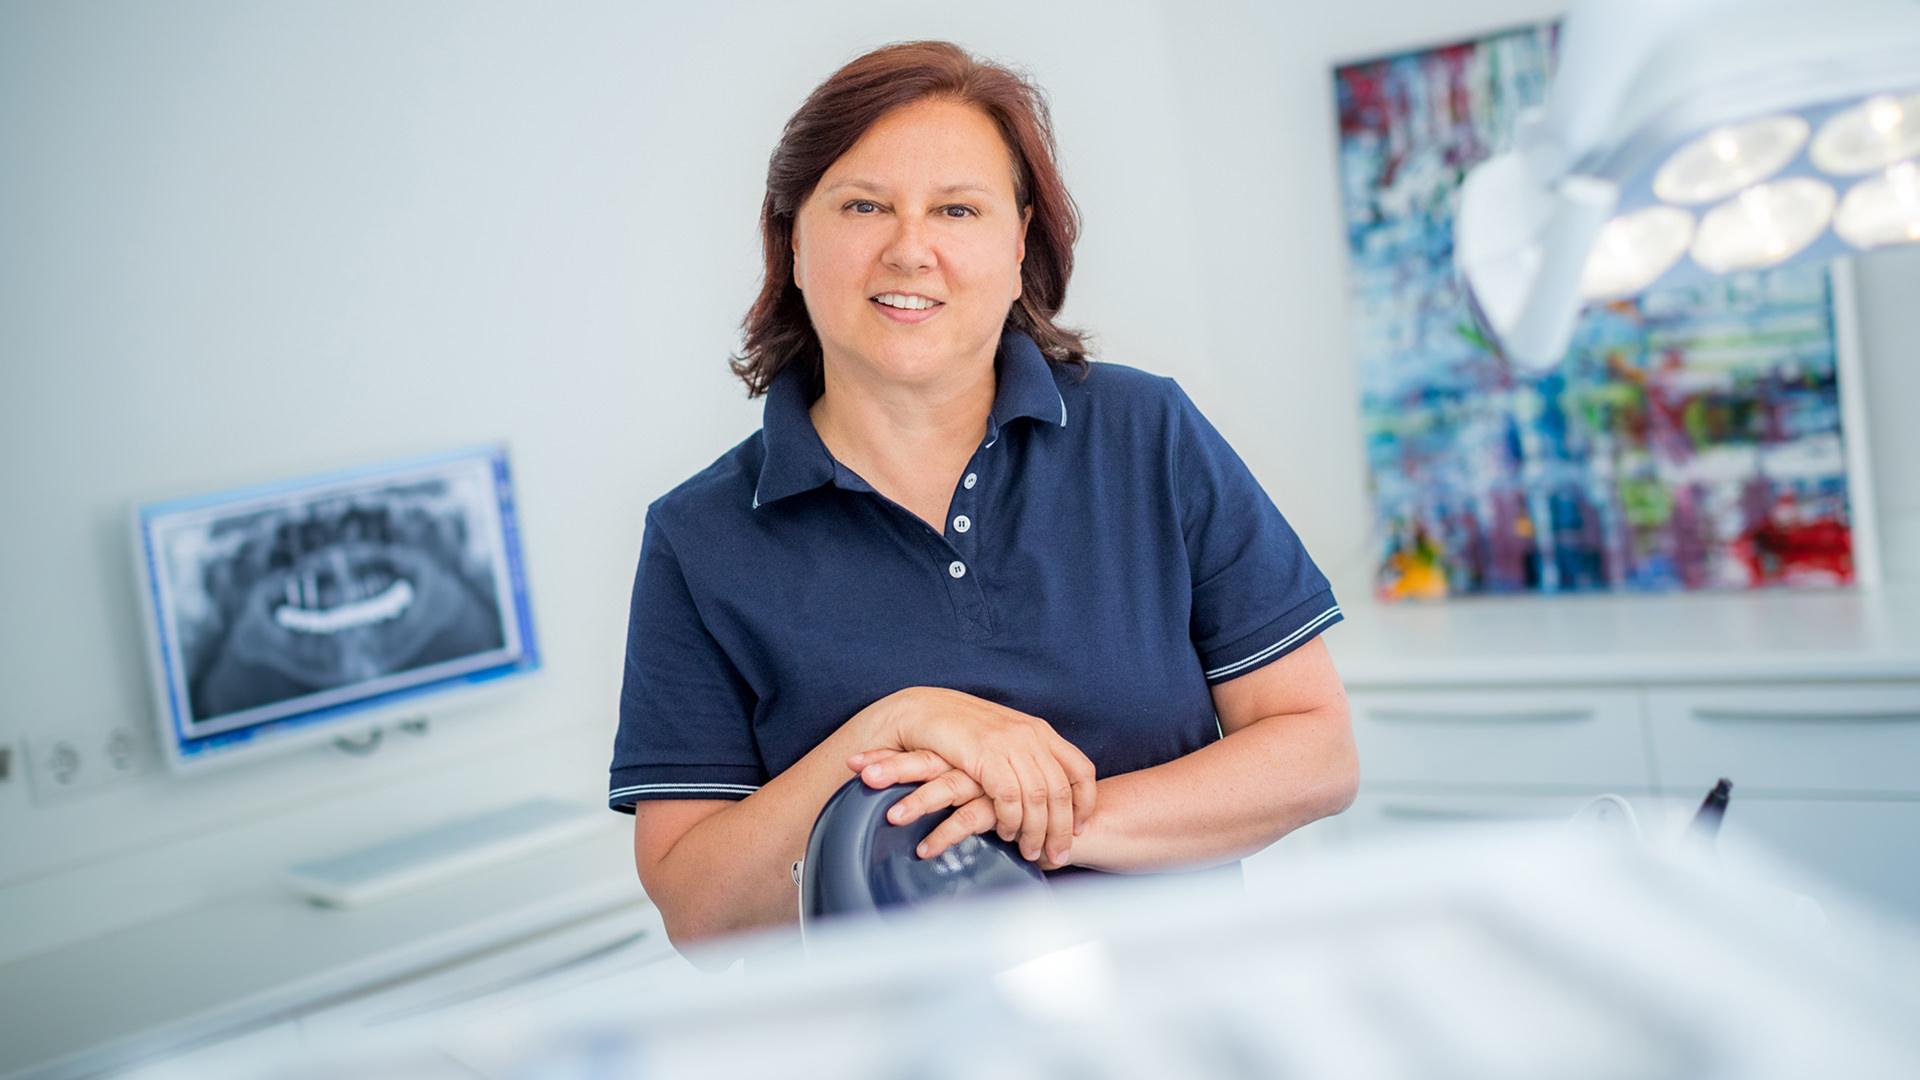 Silvia Rüdiger, Zahnärztin in unserer Gemeinschaftspraxis in Dülmen